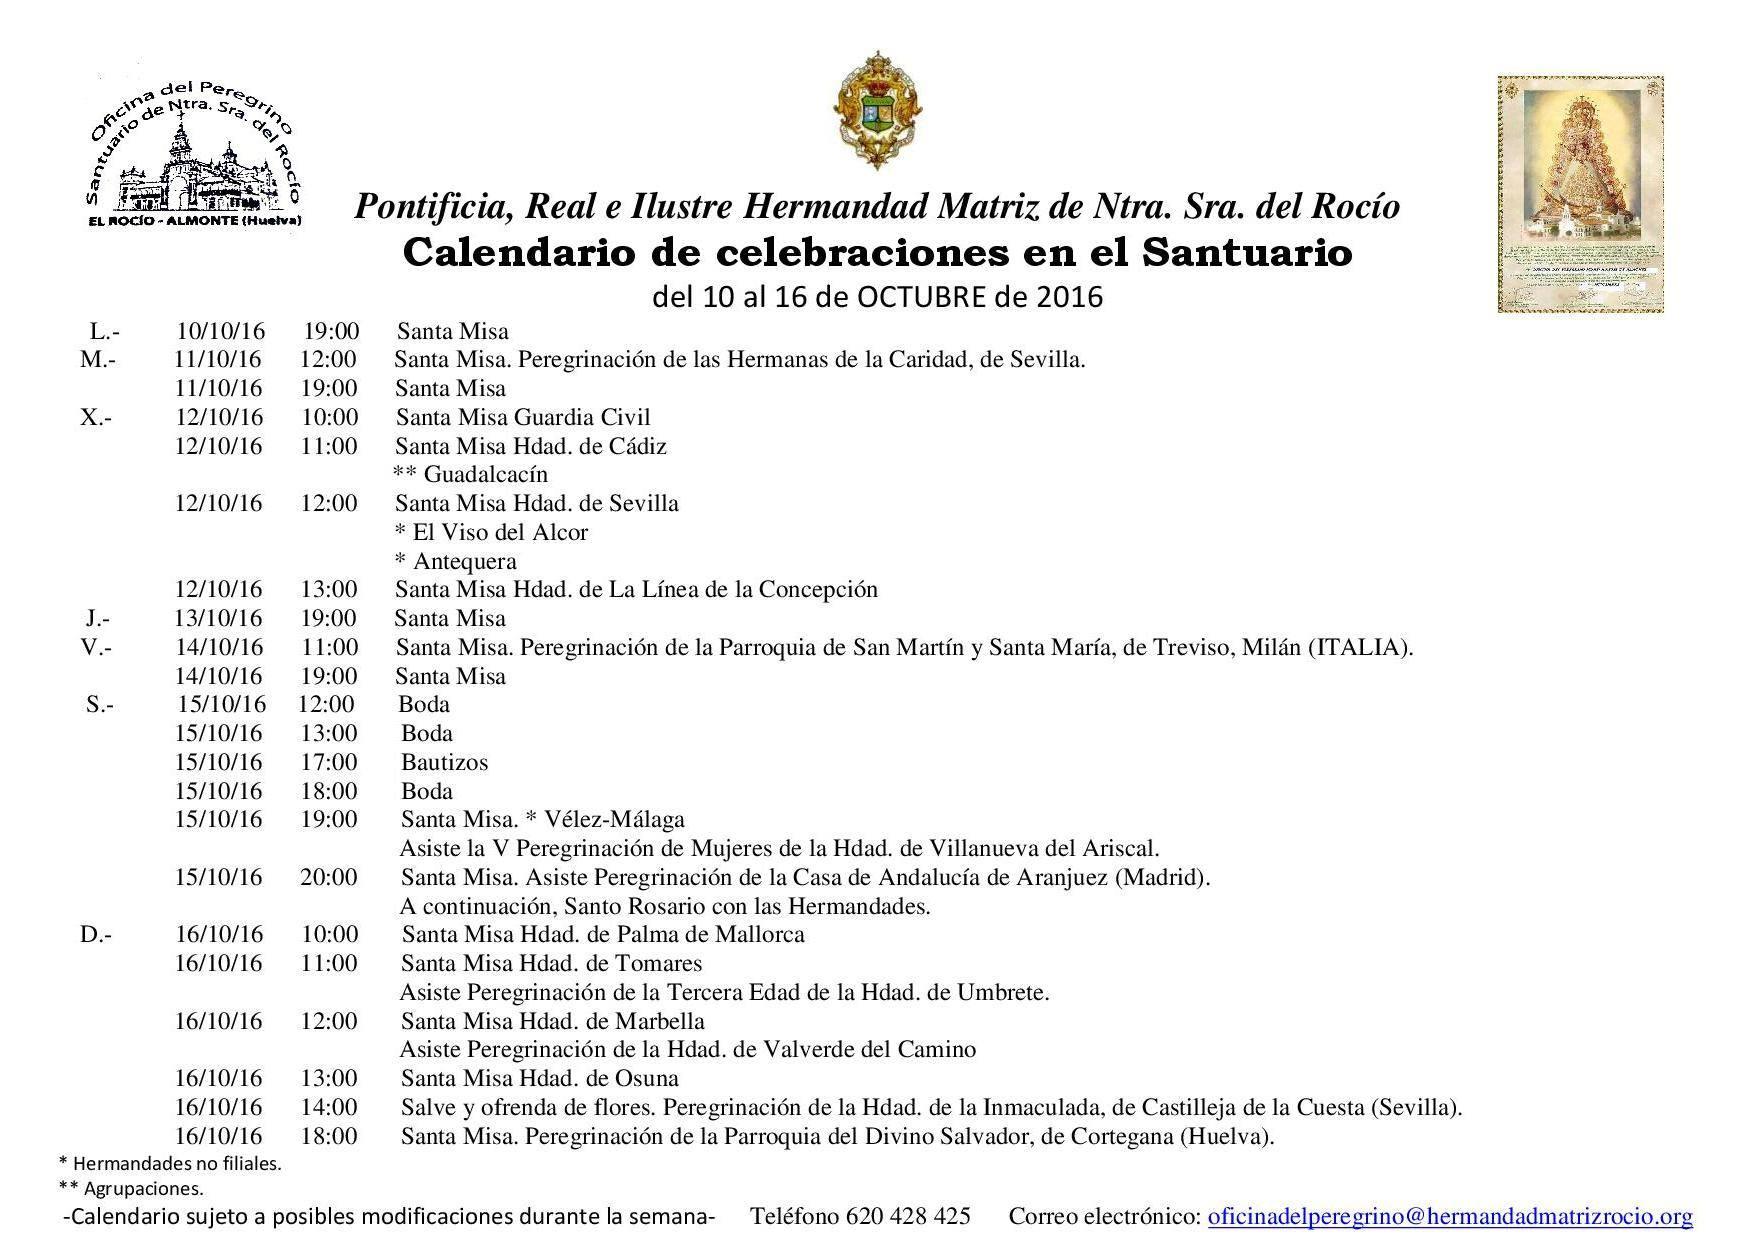 celebraciones-del-10-al-16-de-octubre-rocio